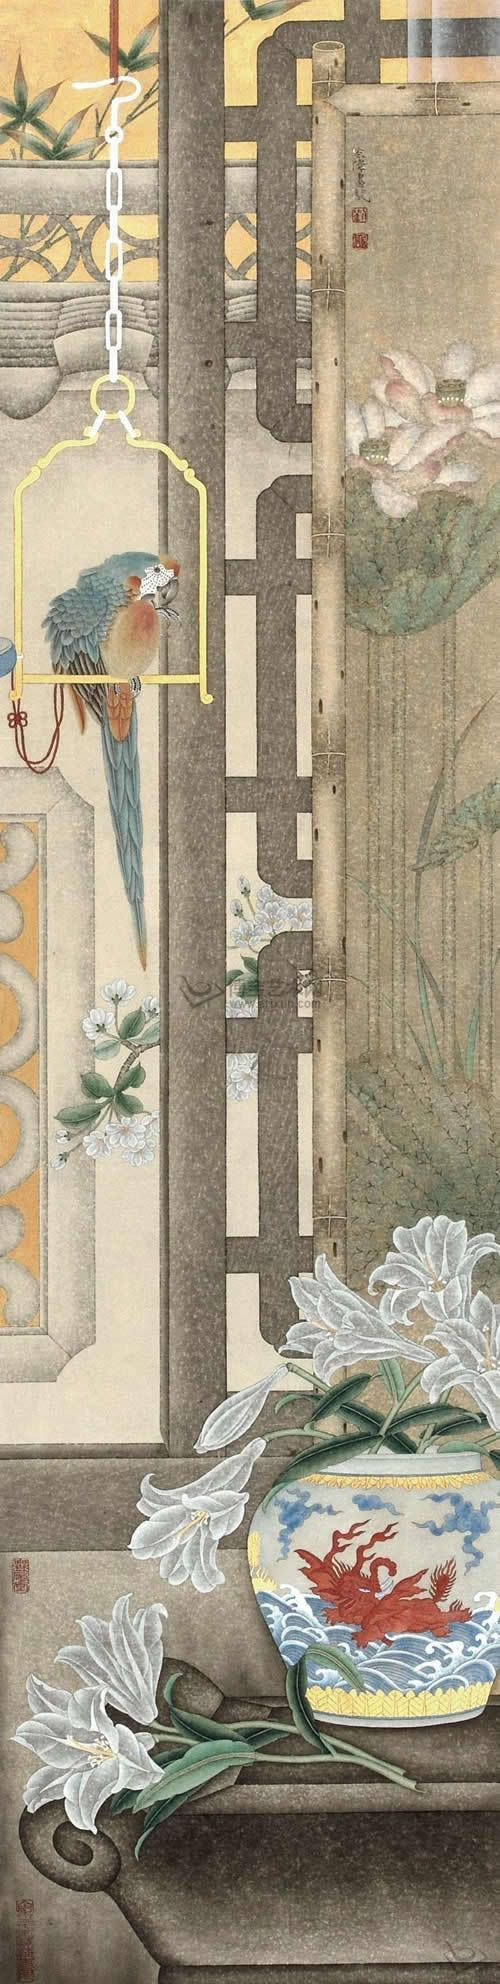 """[Живопись] Лю Hongwei """"аромат цветов и птиц статей Yayun"""" голландский танец востоку _ _ Сина блог _Qing свет"""